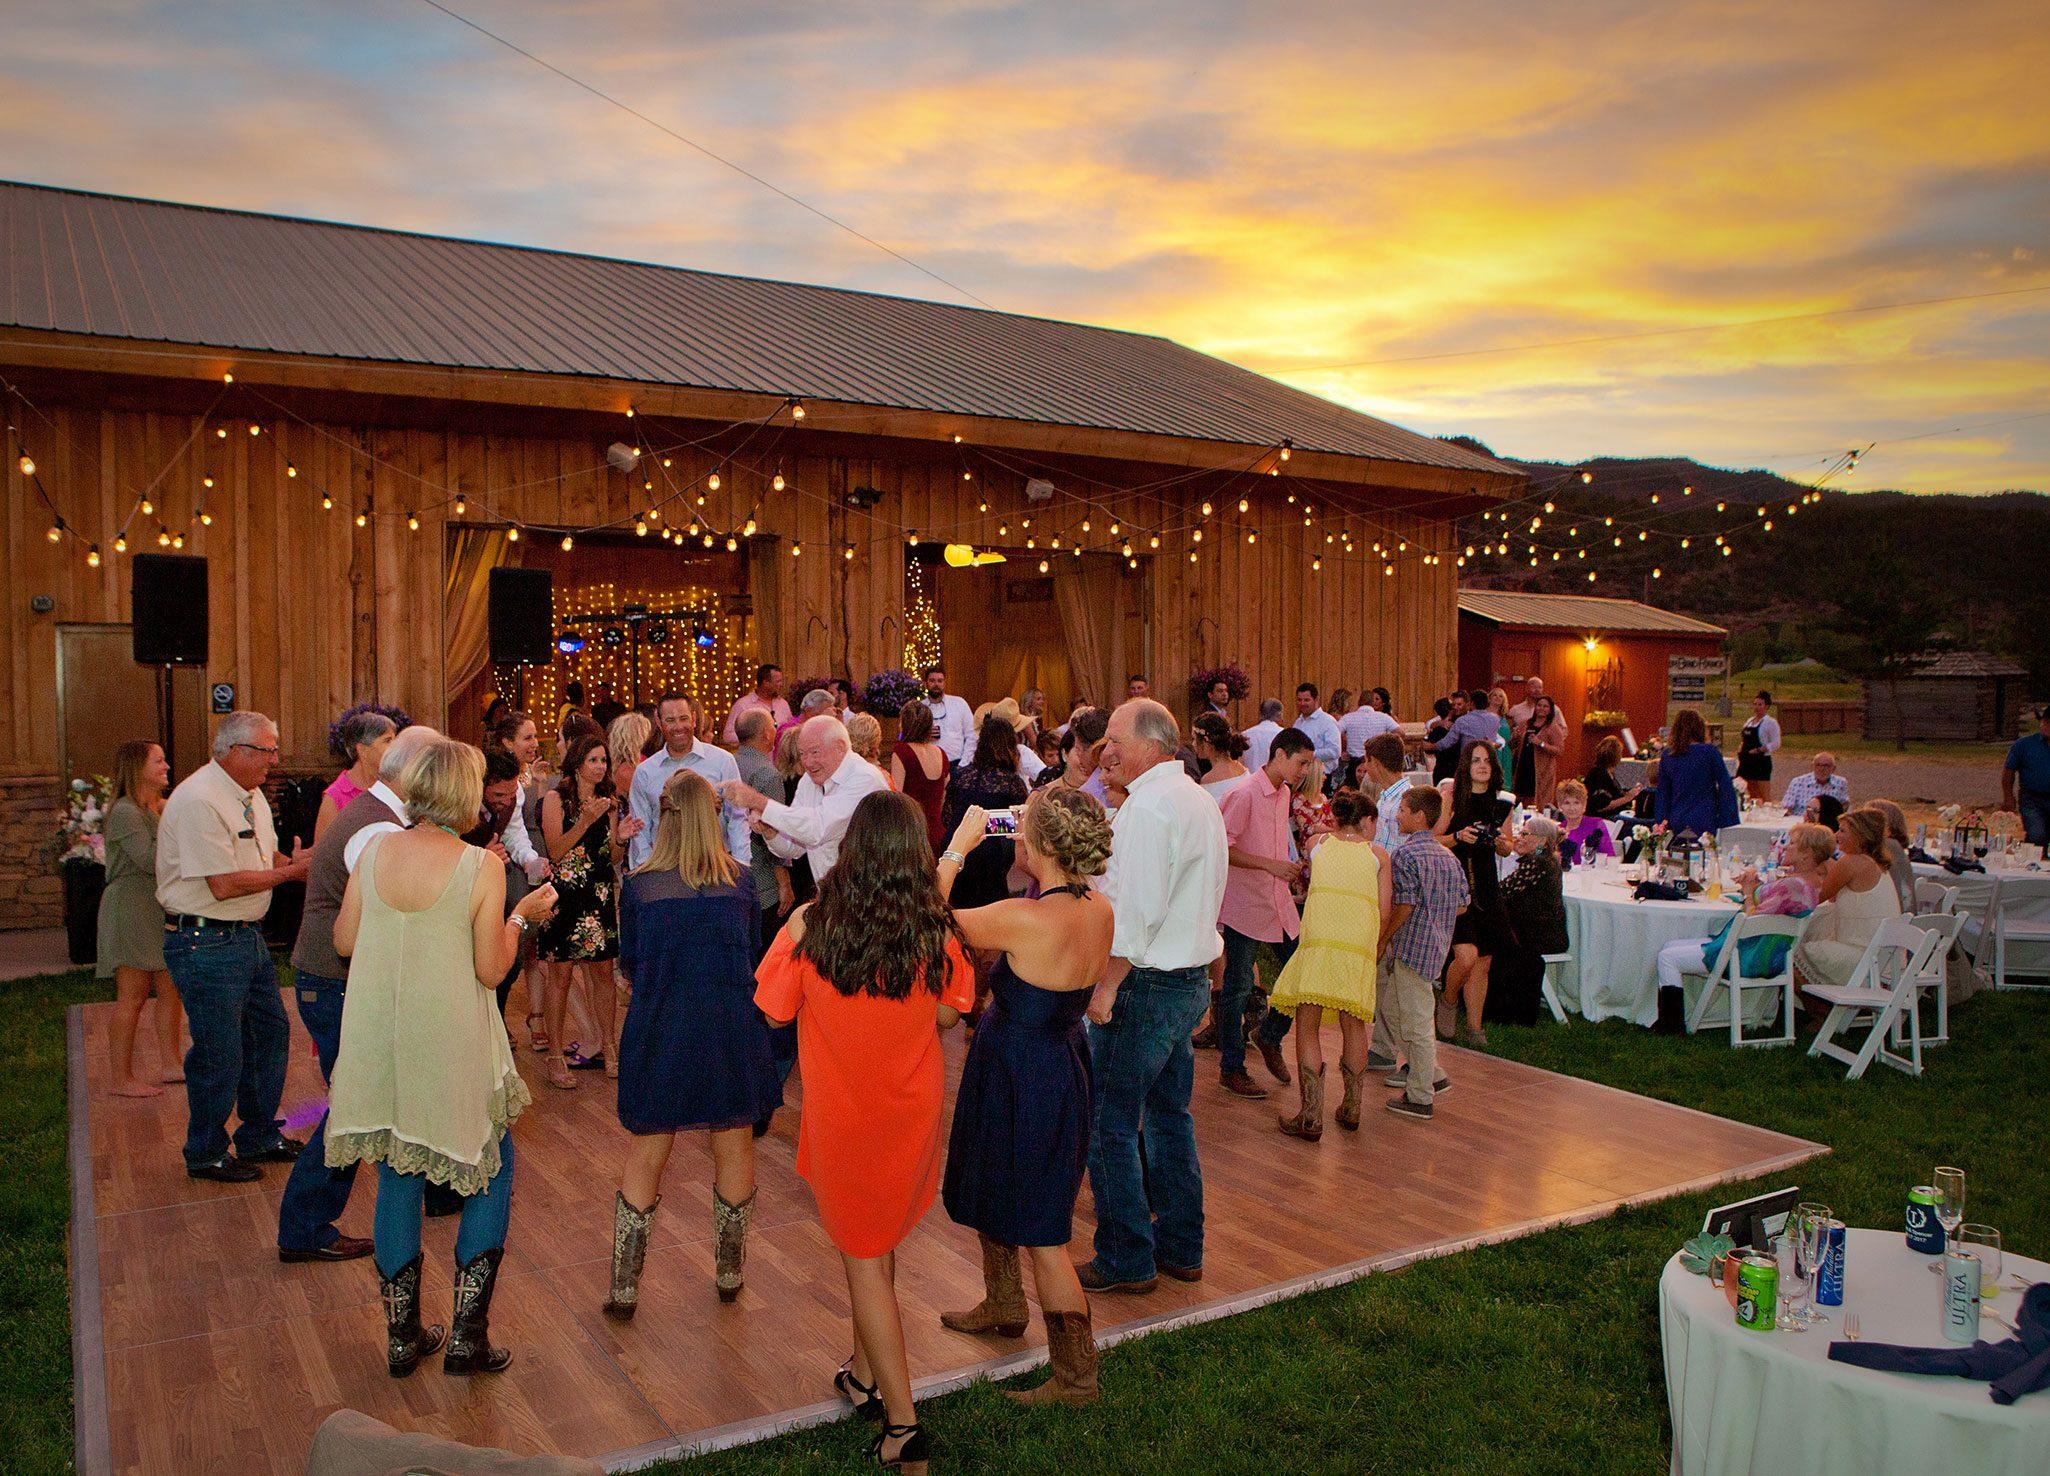 Outdoor wedding reception dancing | Durango, Colorado